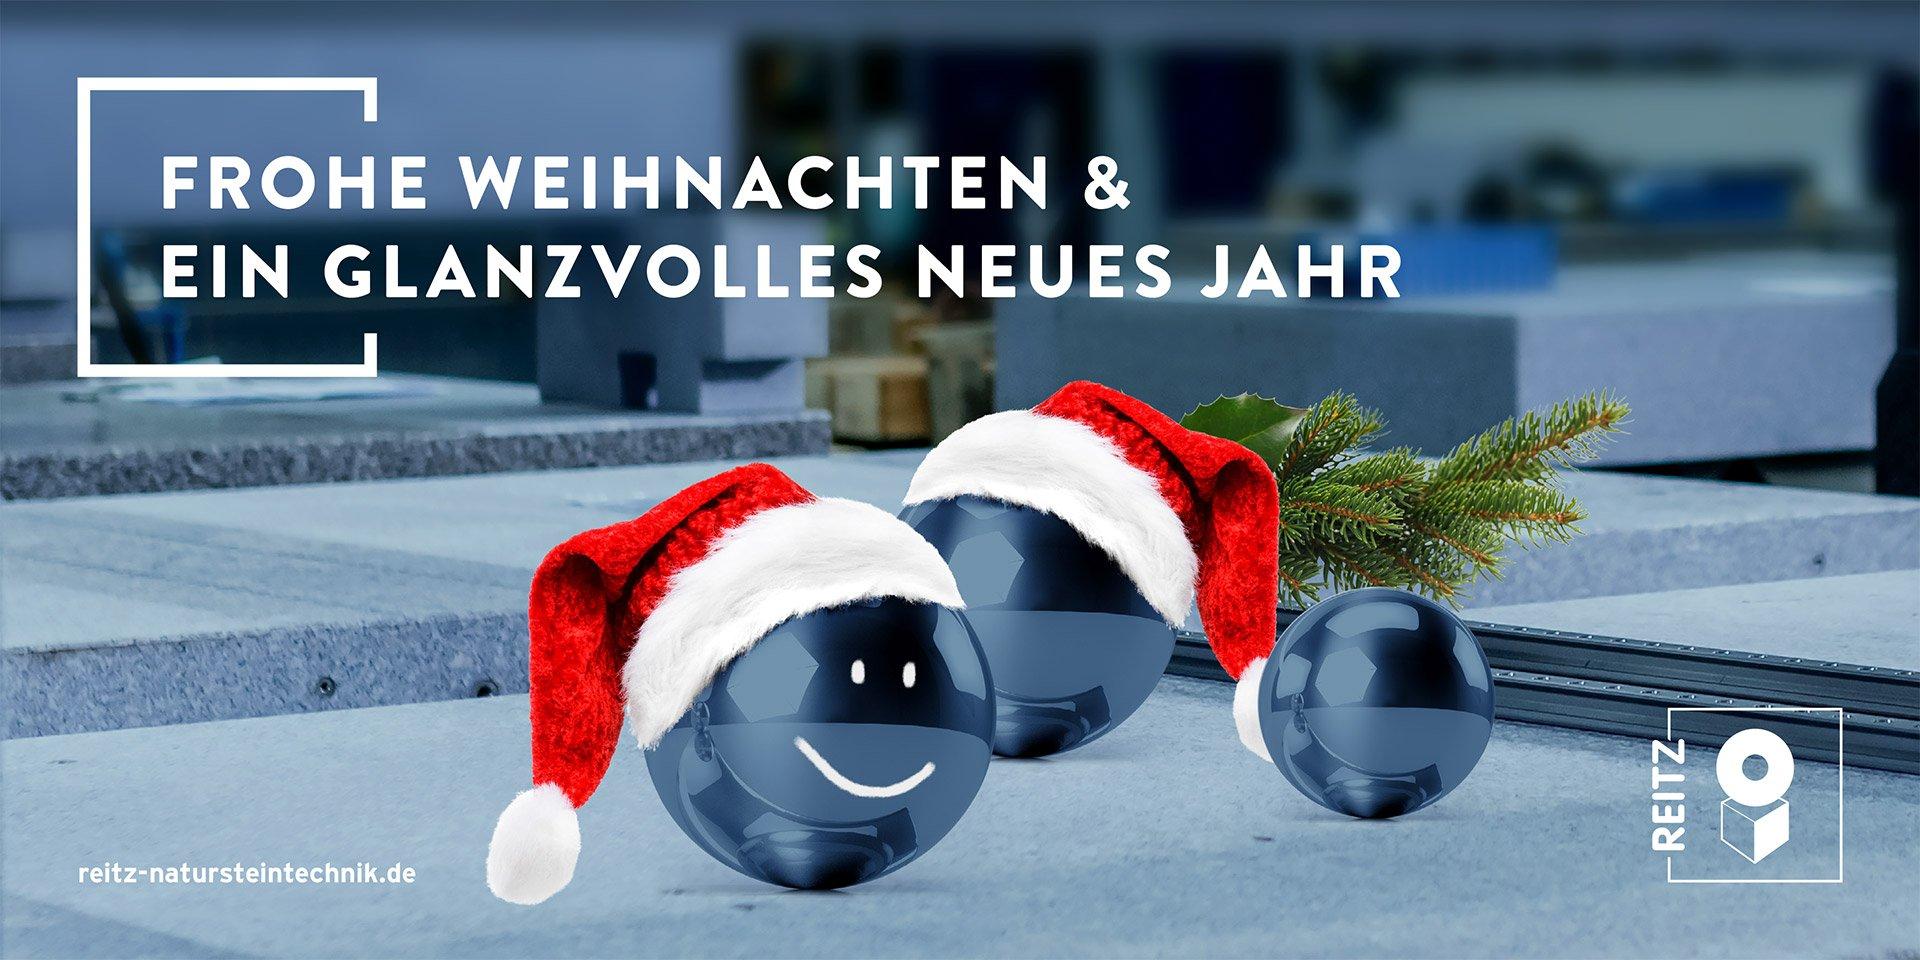 reitz-natursteintechnik-weihnachts-visual